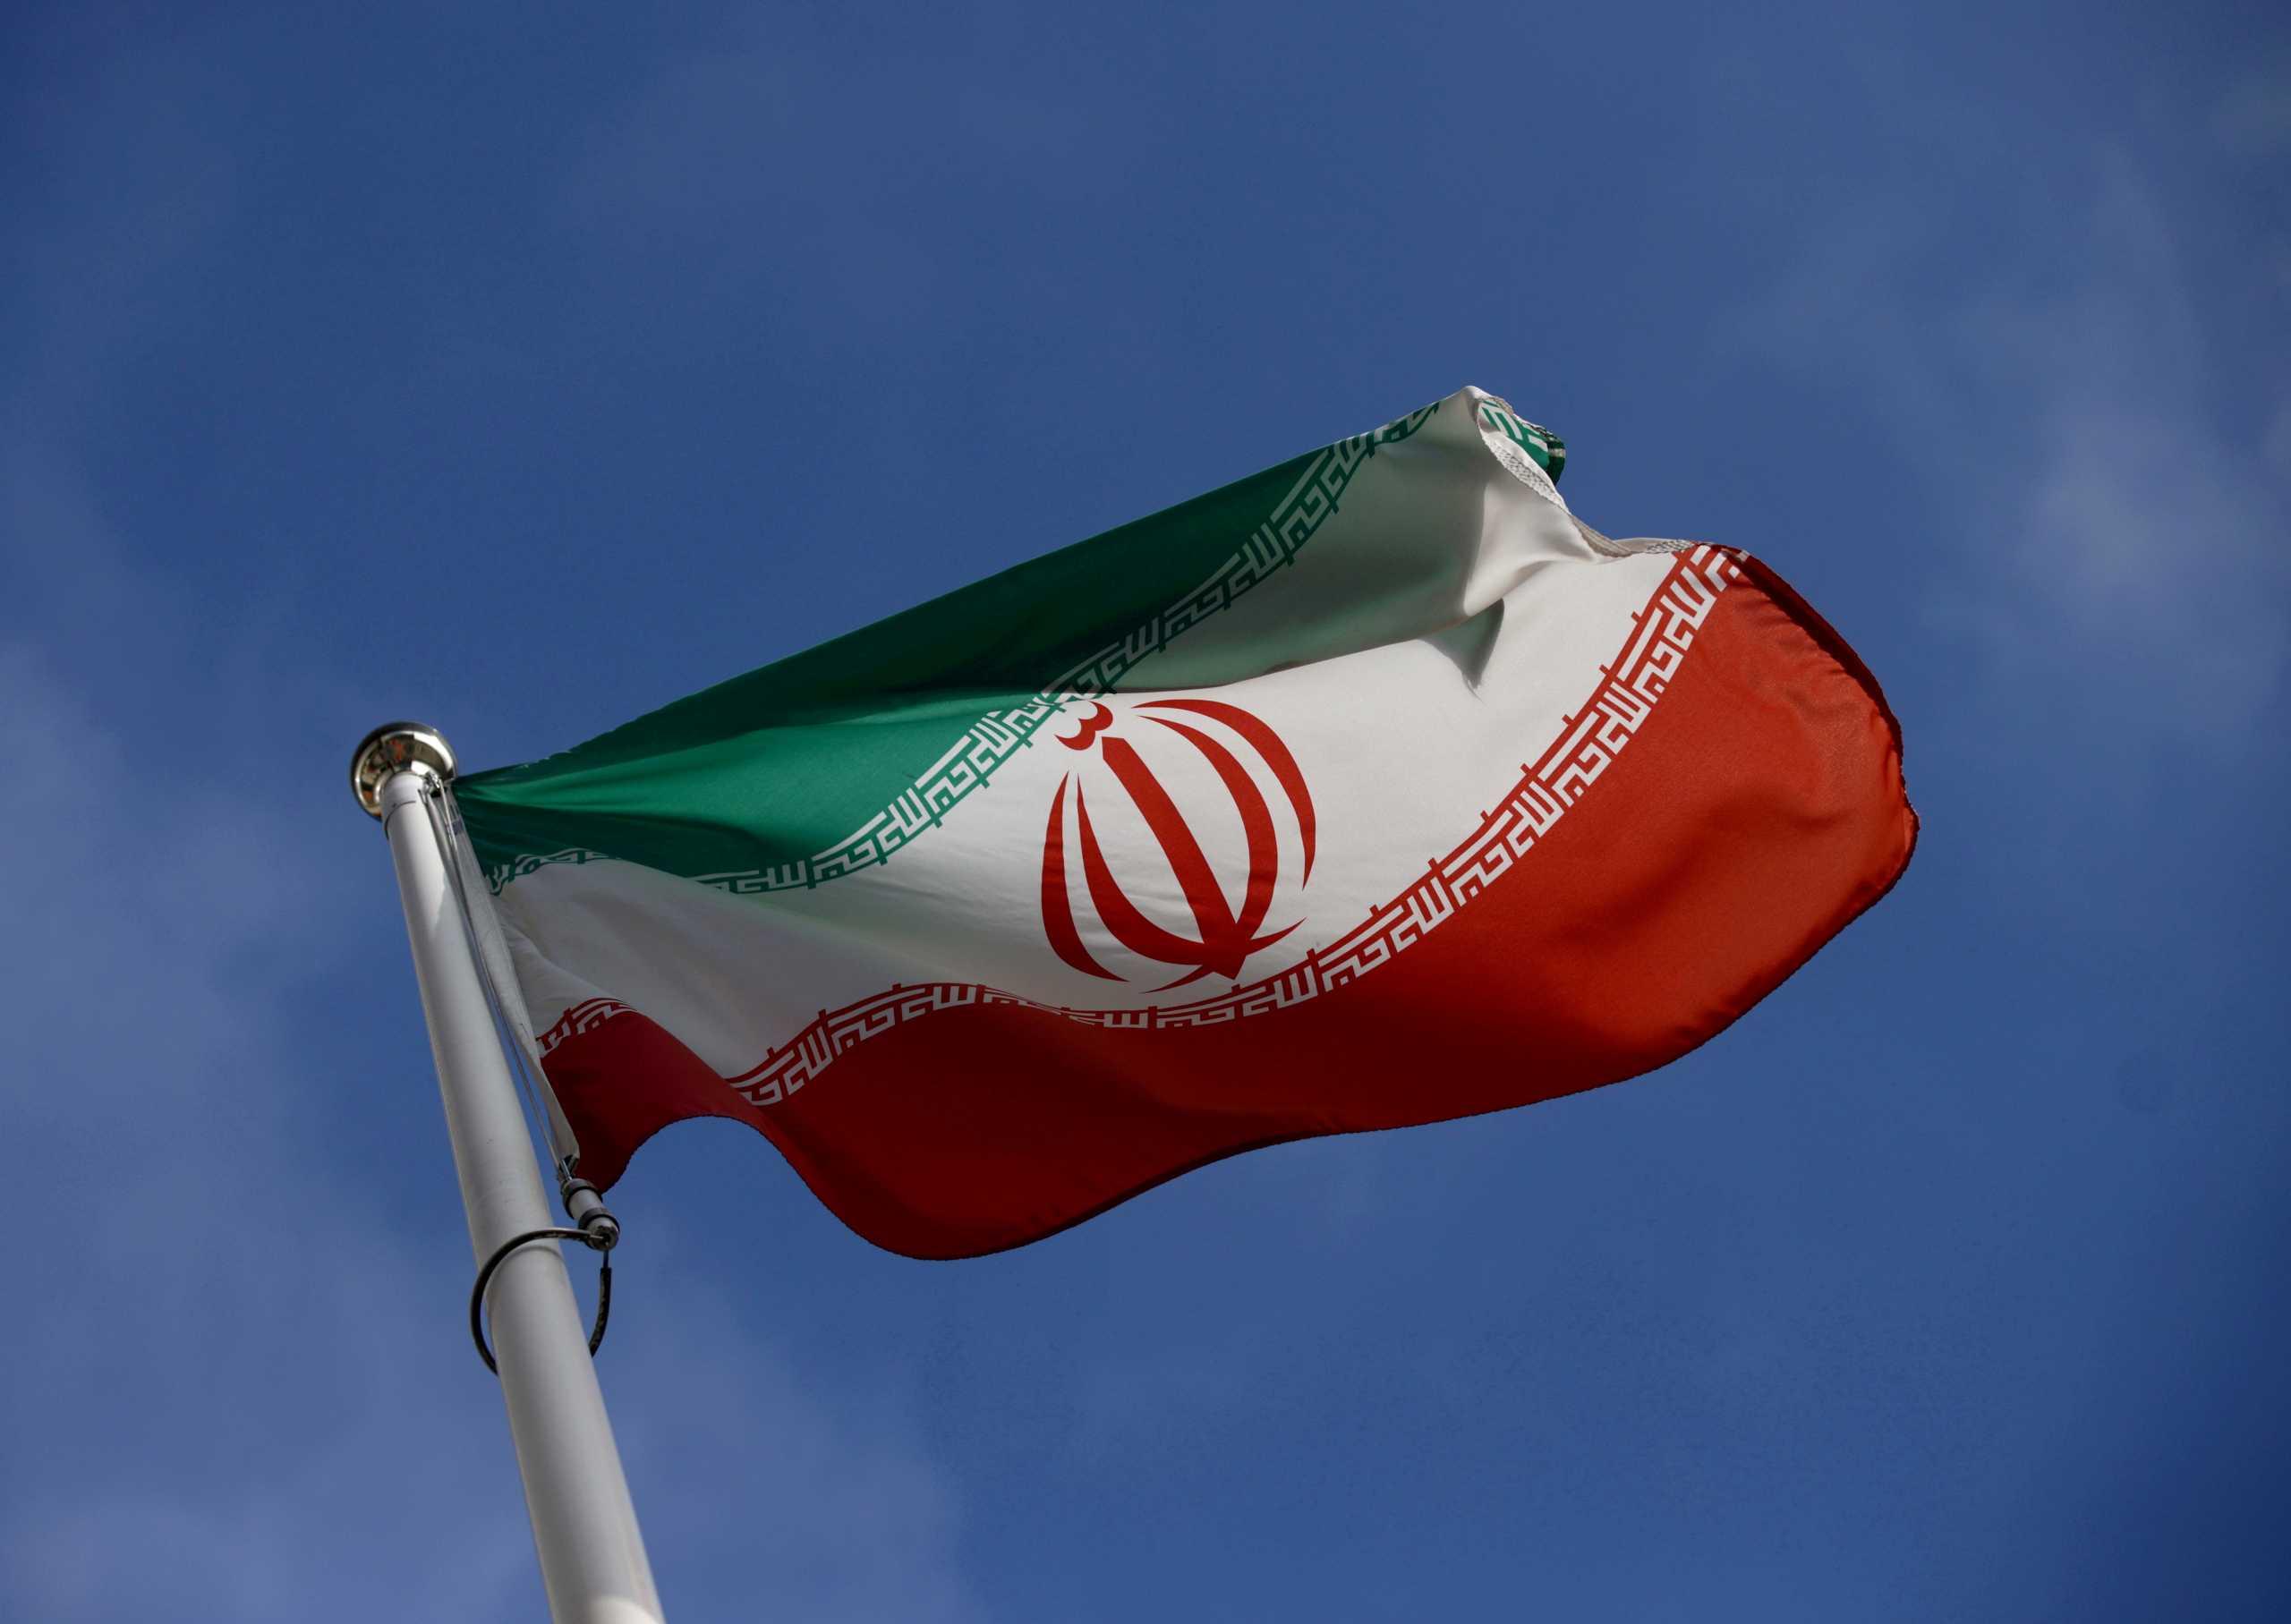 Η Τεχεράνη επιβεβαιώνει συνομιλίες για ανταλλαγή κρατουμένων με την Ουάσινγκτον